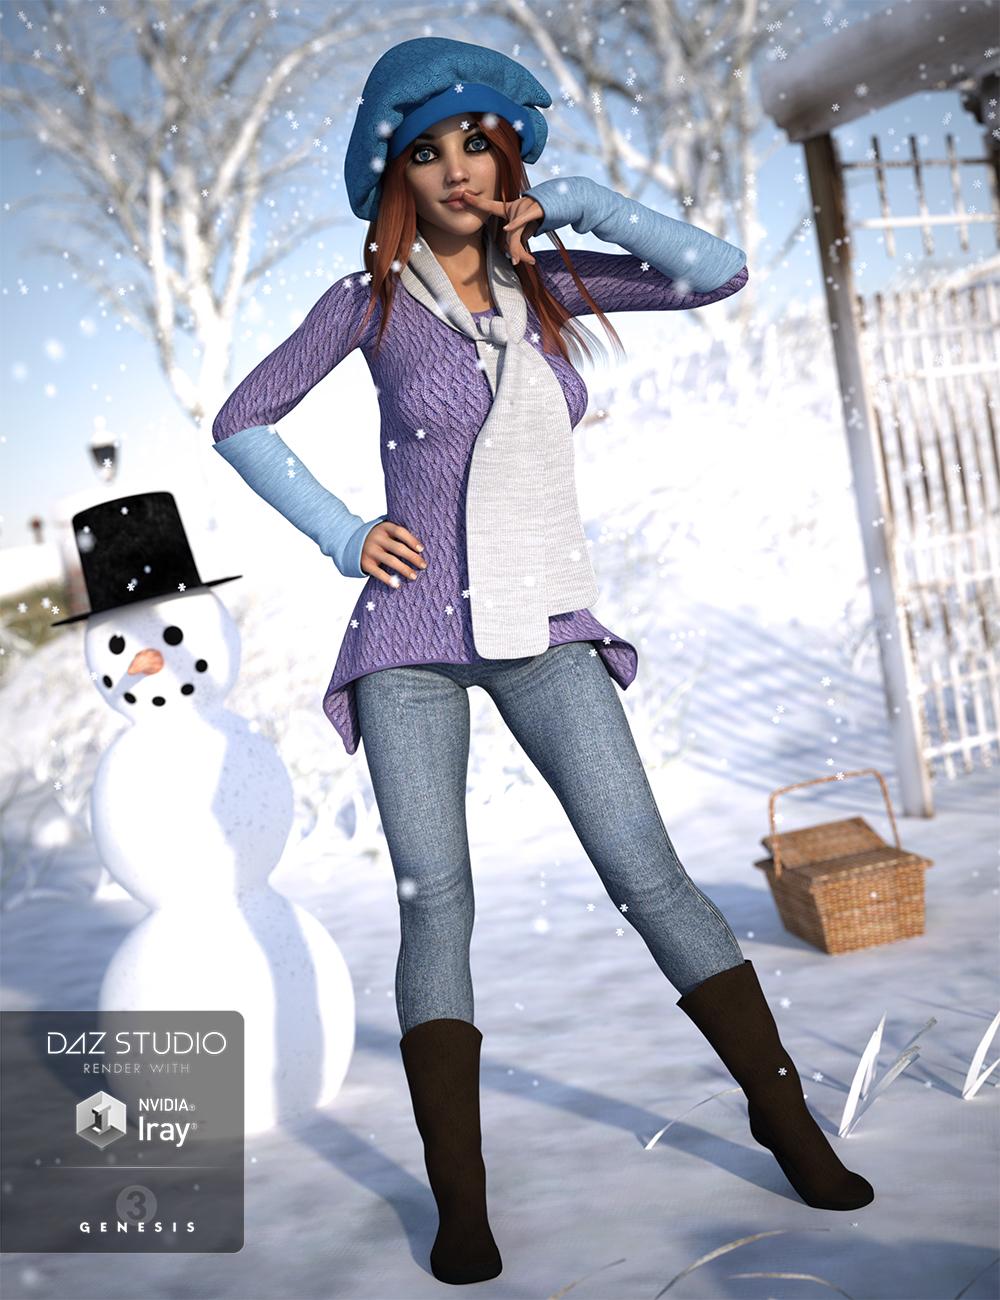 Frosty Winter Genesis 3 Female(s) by: Bluebird 3D ClothingOziChick, 3D Models by Daz 3D